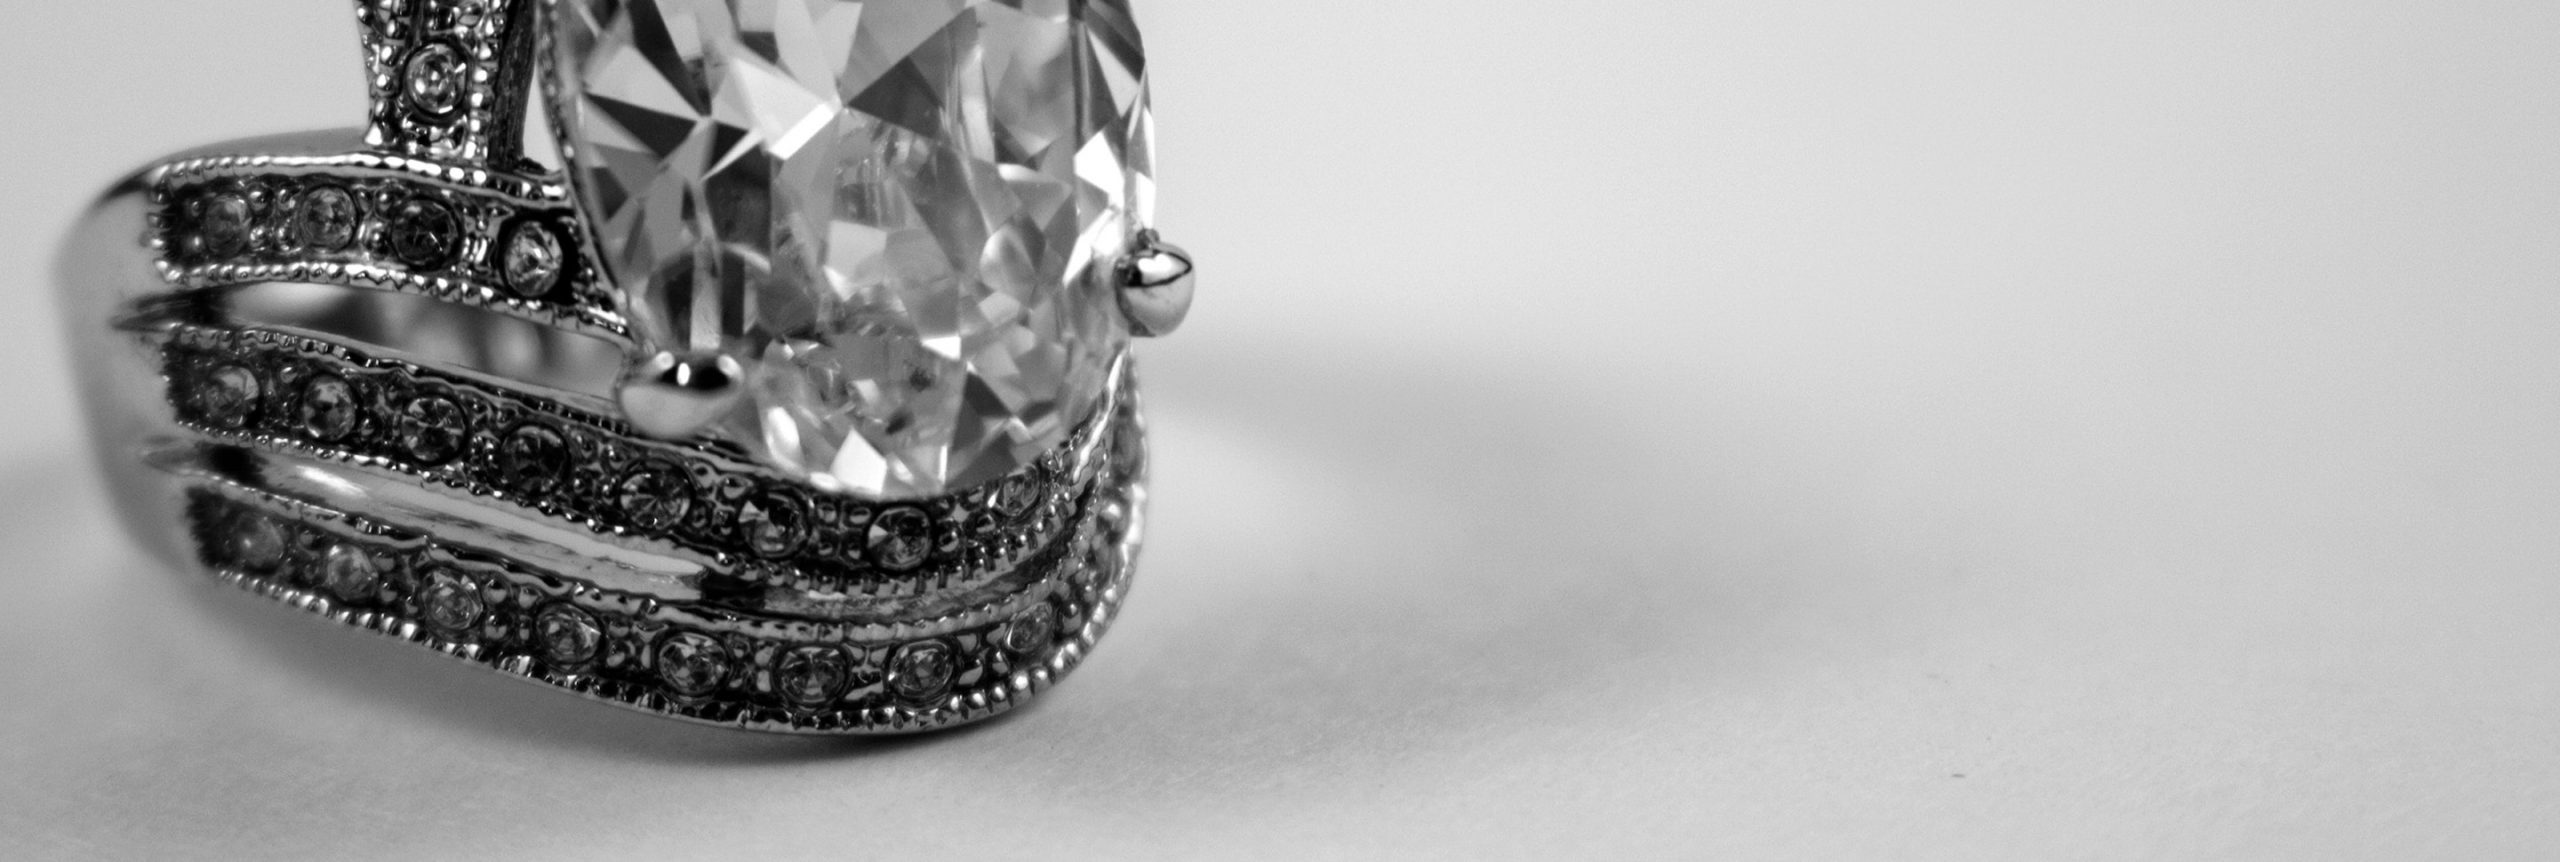 sälja silver stockholm